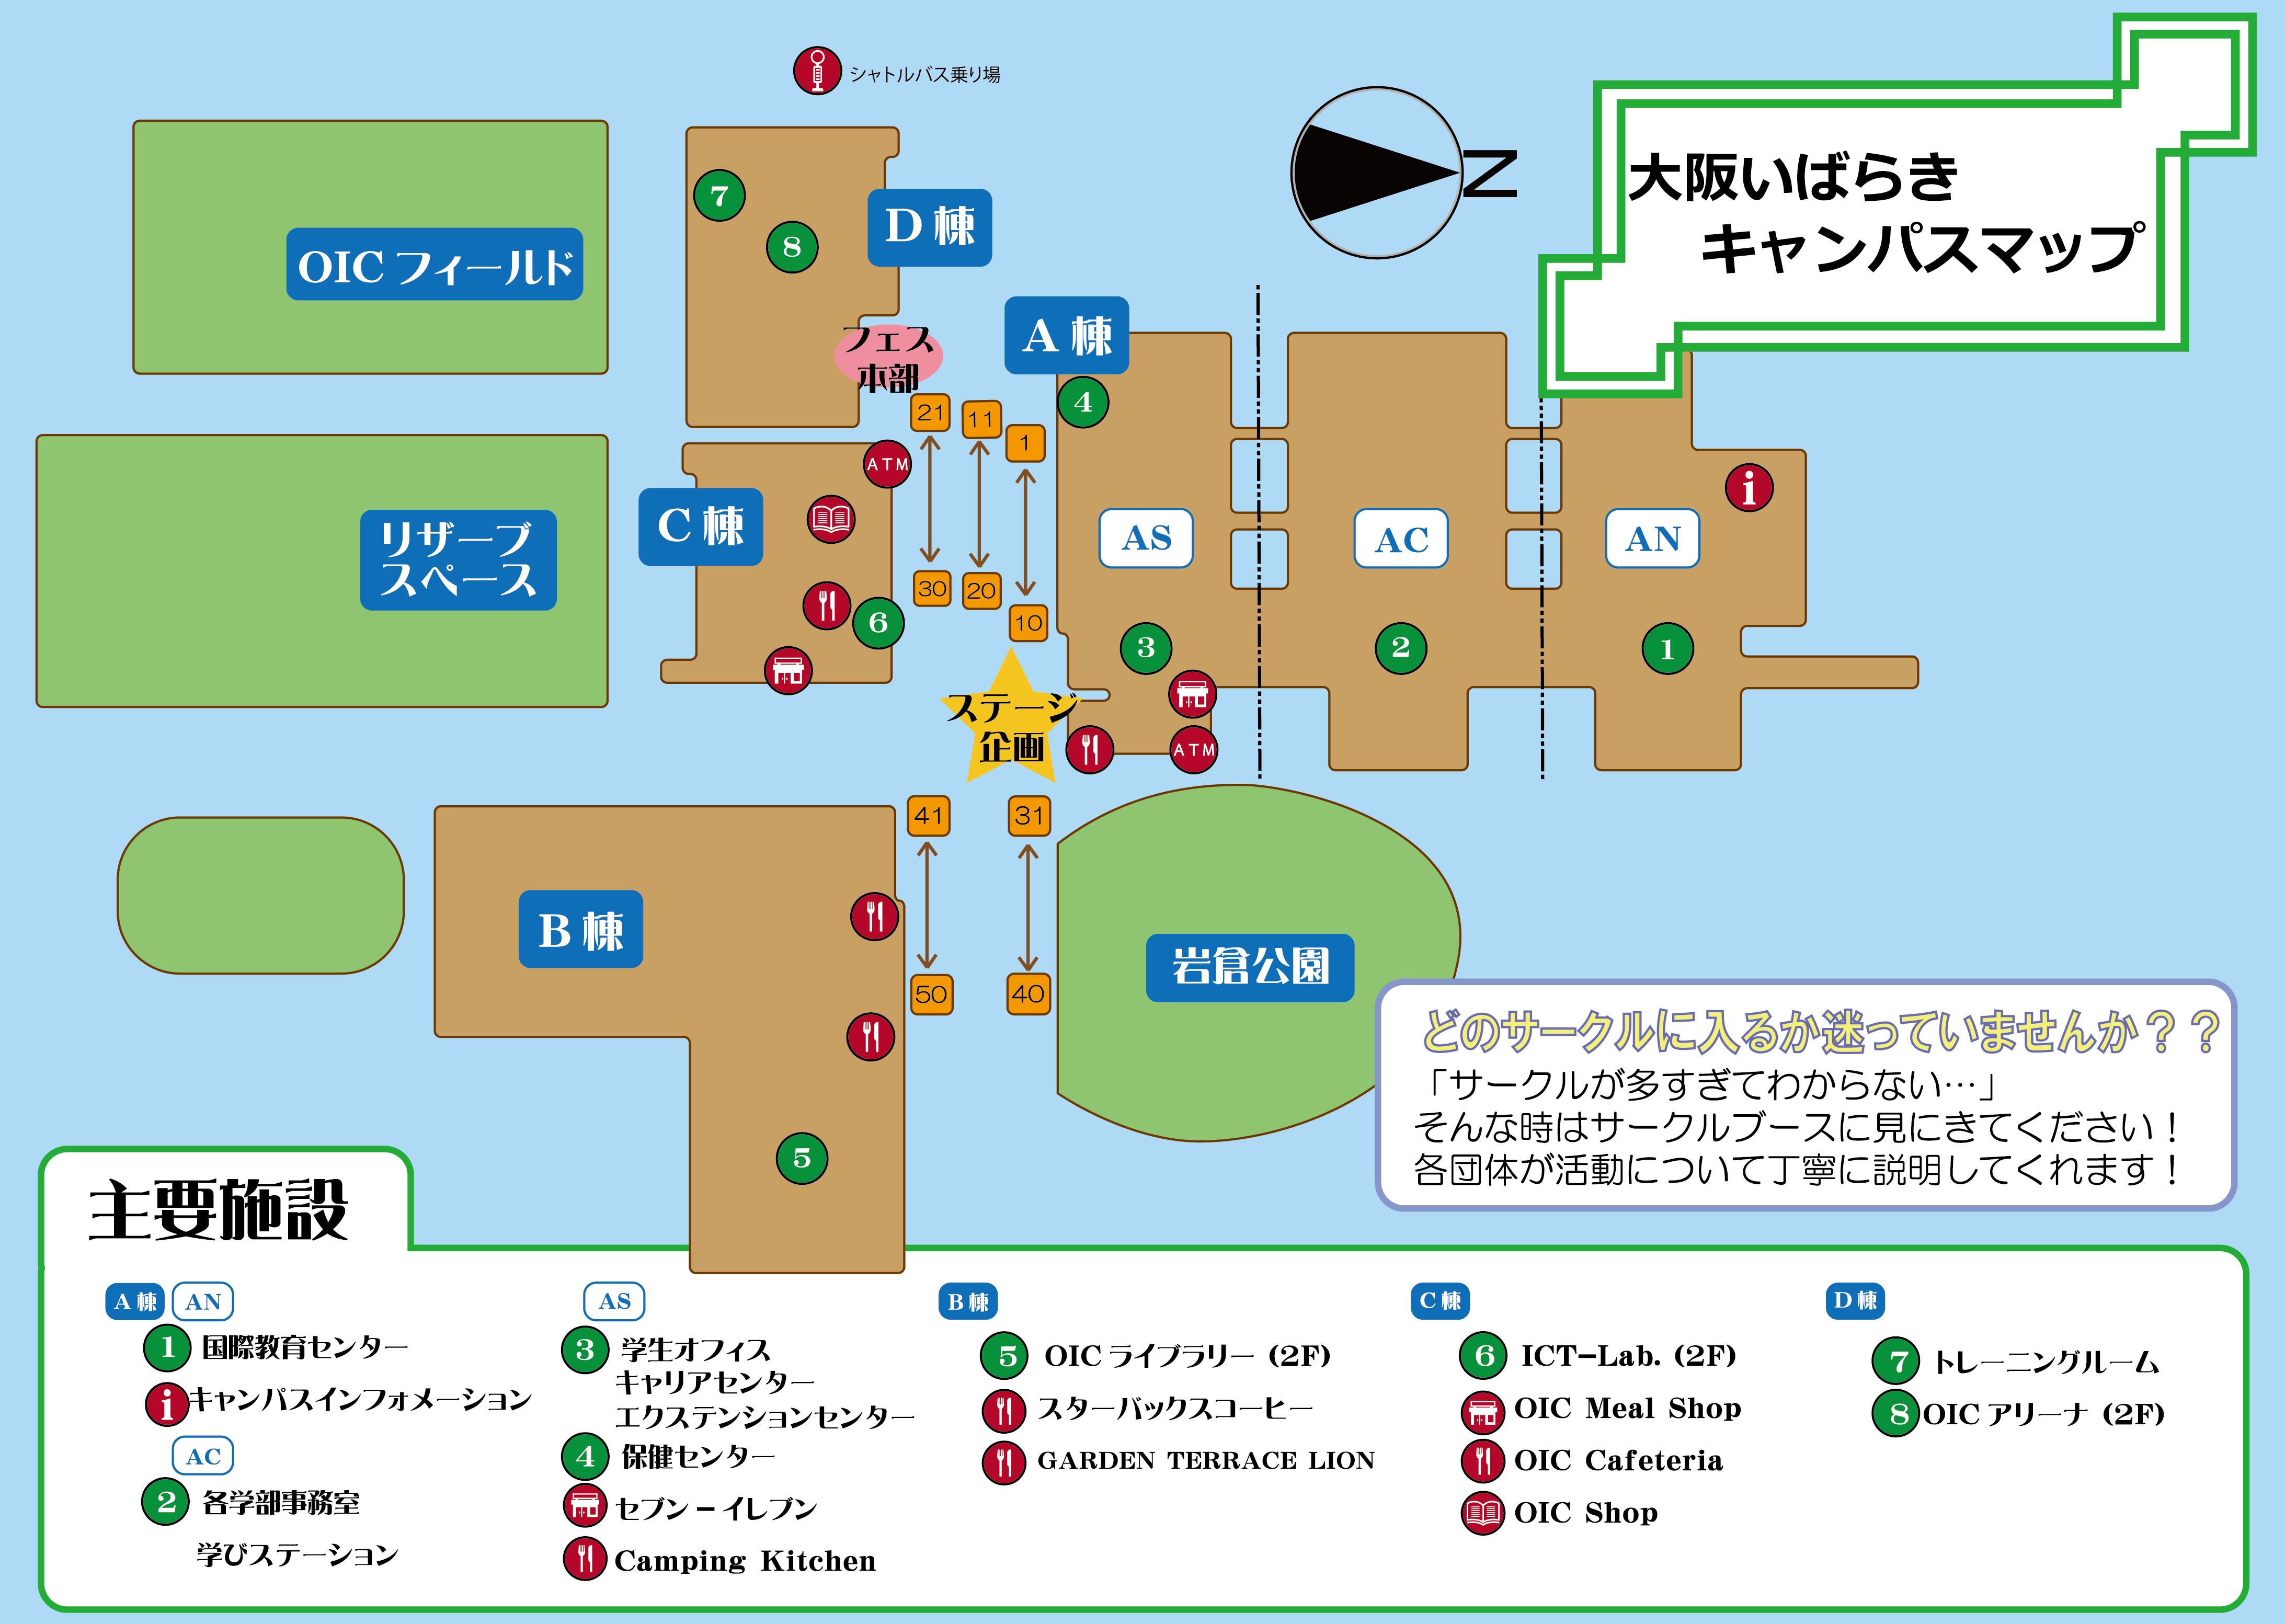 oicキャンパスマップ